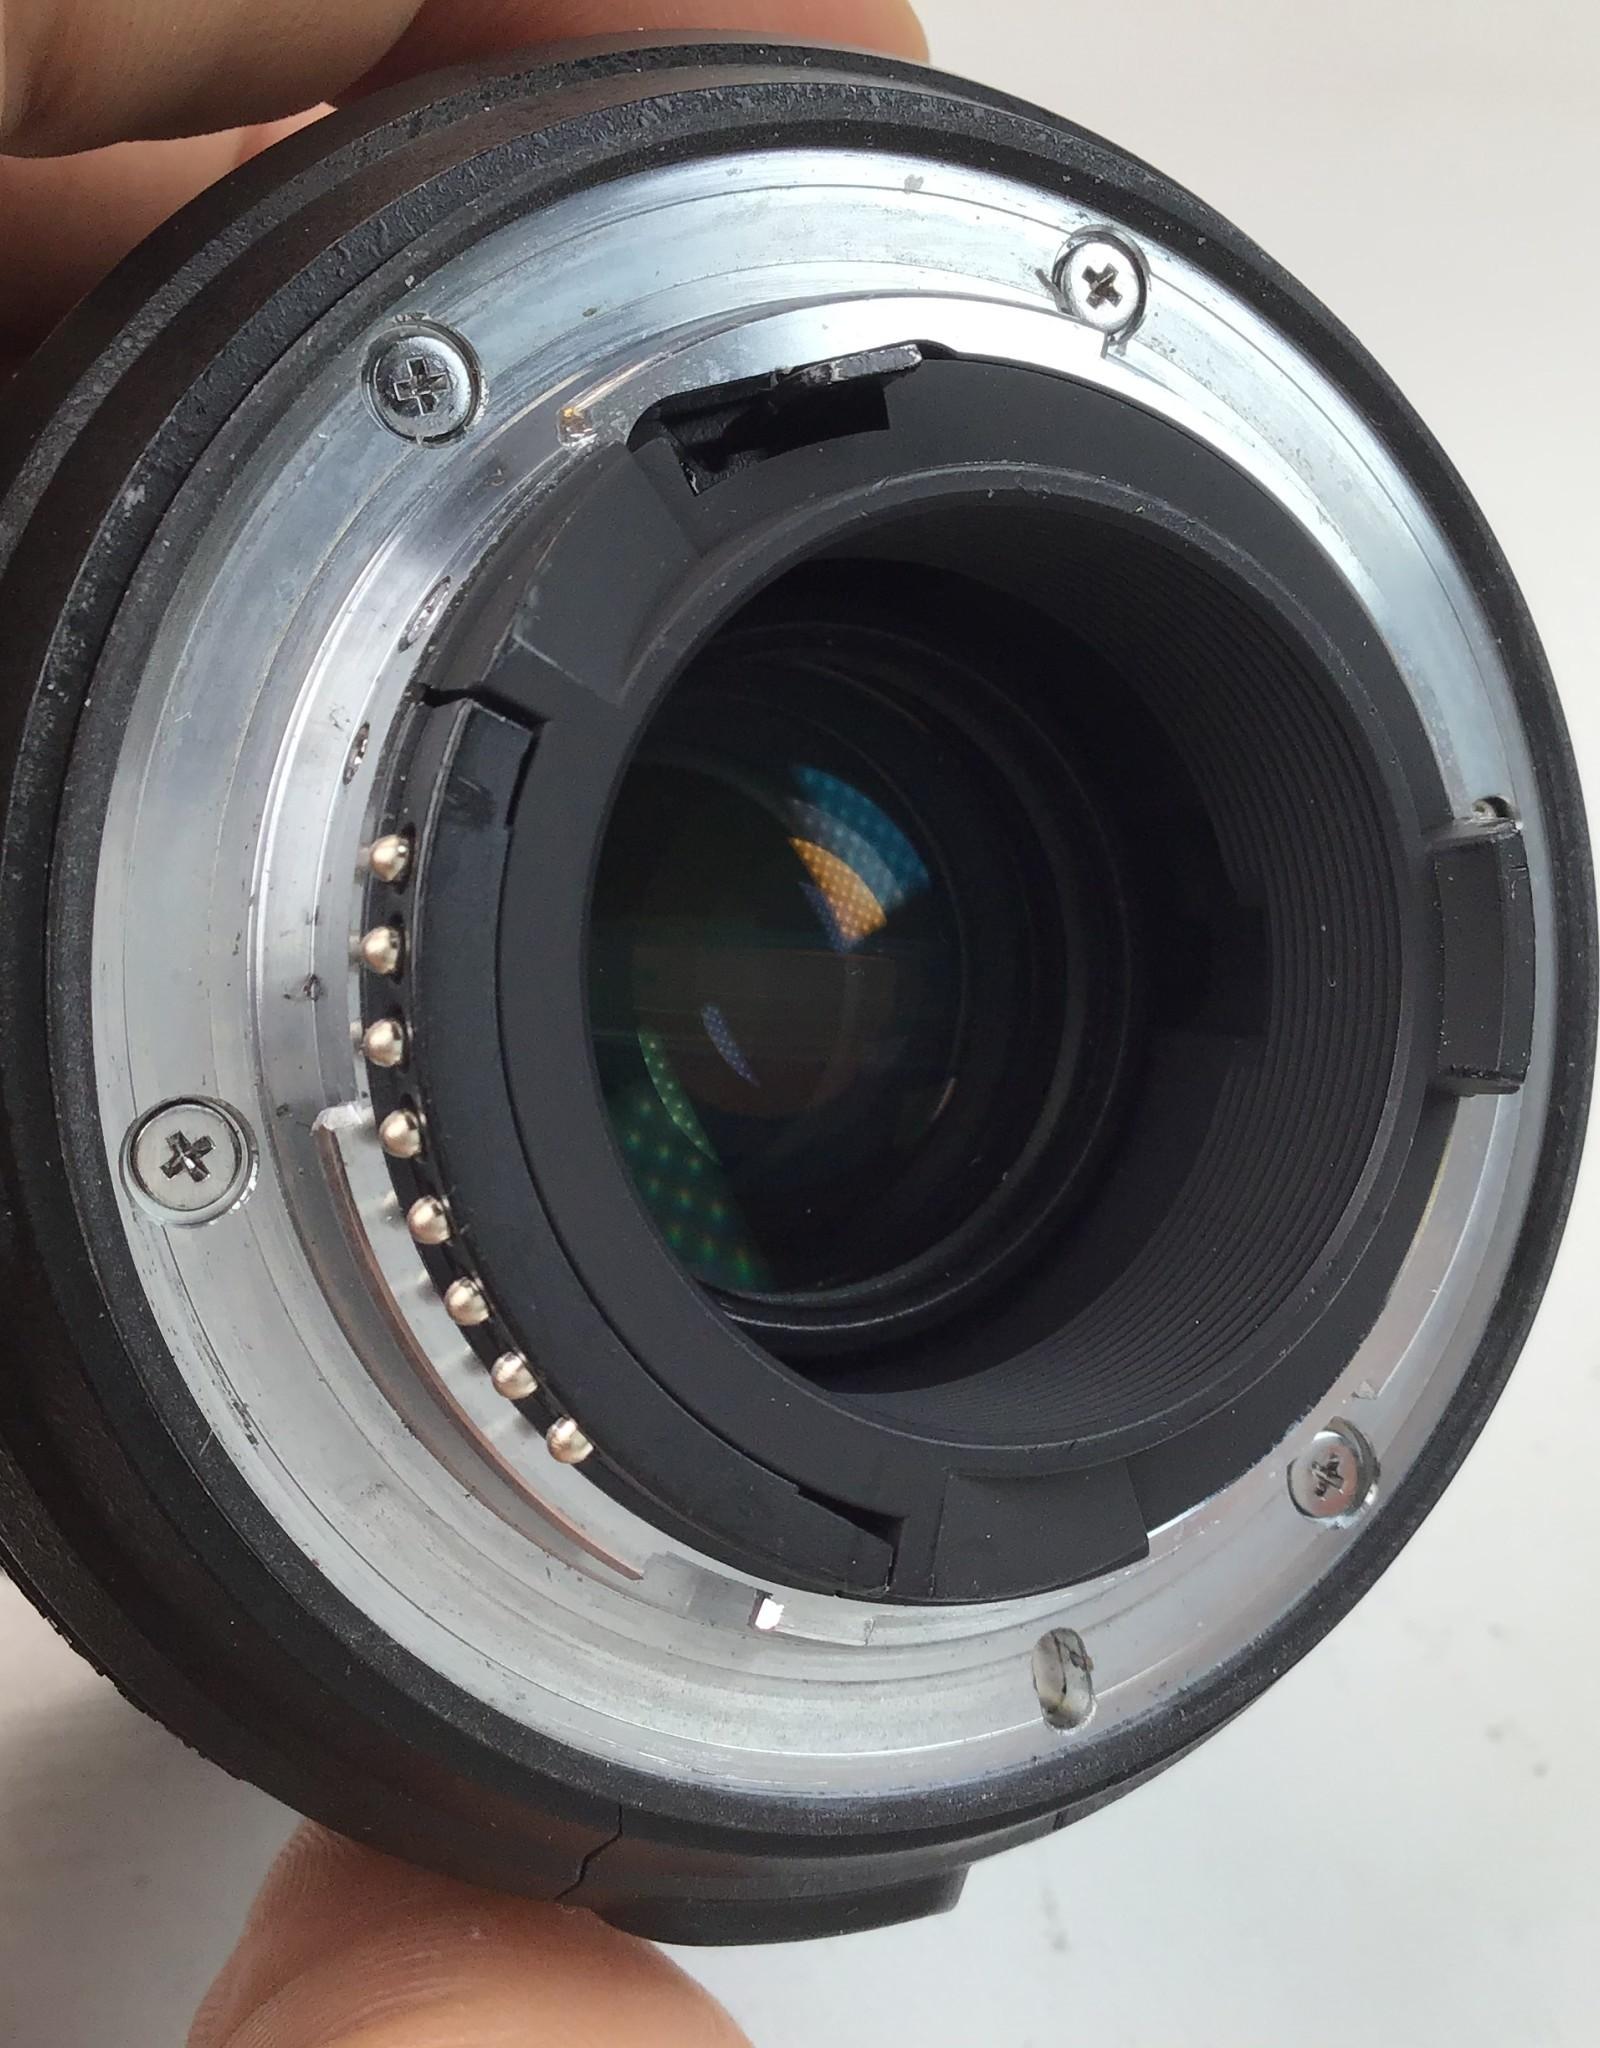 NIKON Nikon AF-S Nikkor 10-24mm f3.5-4.5G ED Lens Used EX